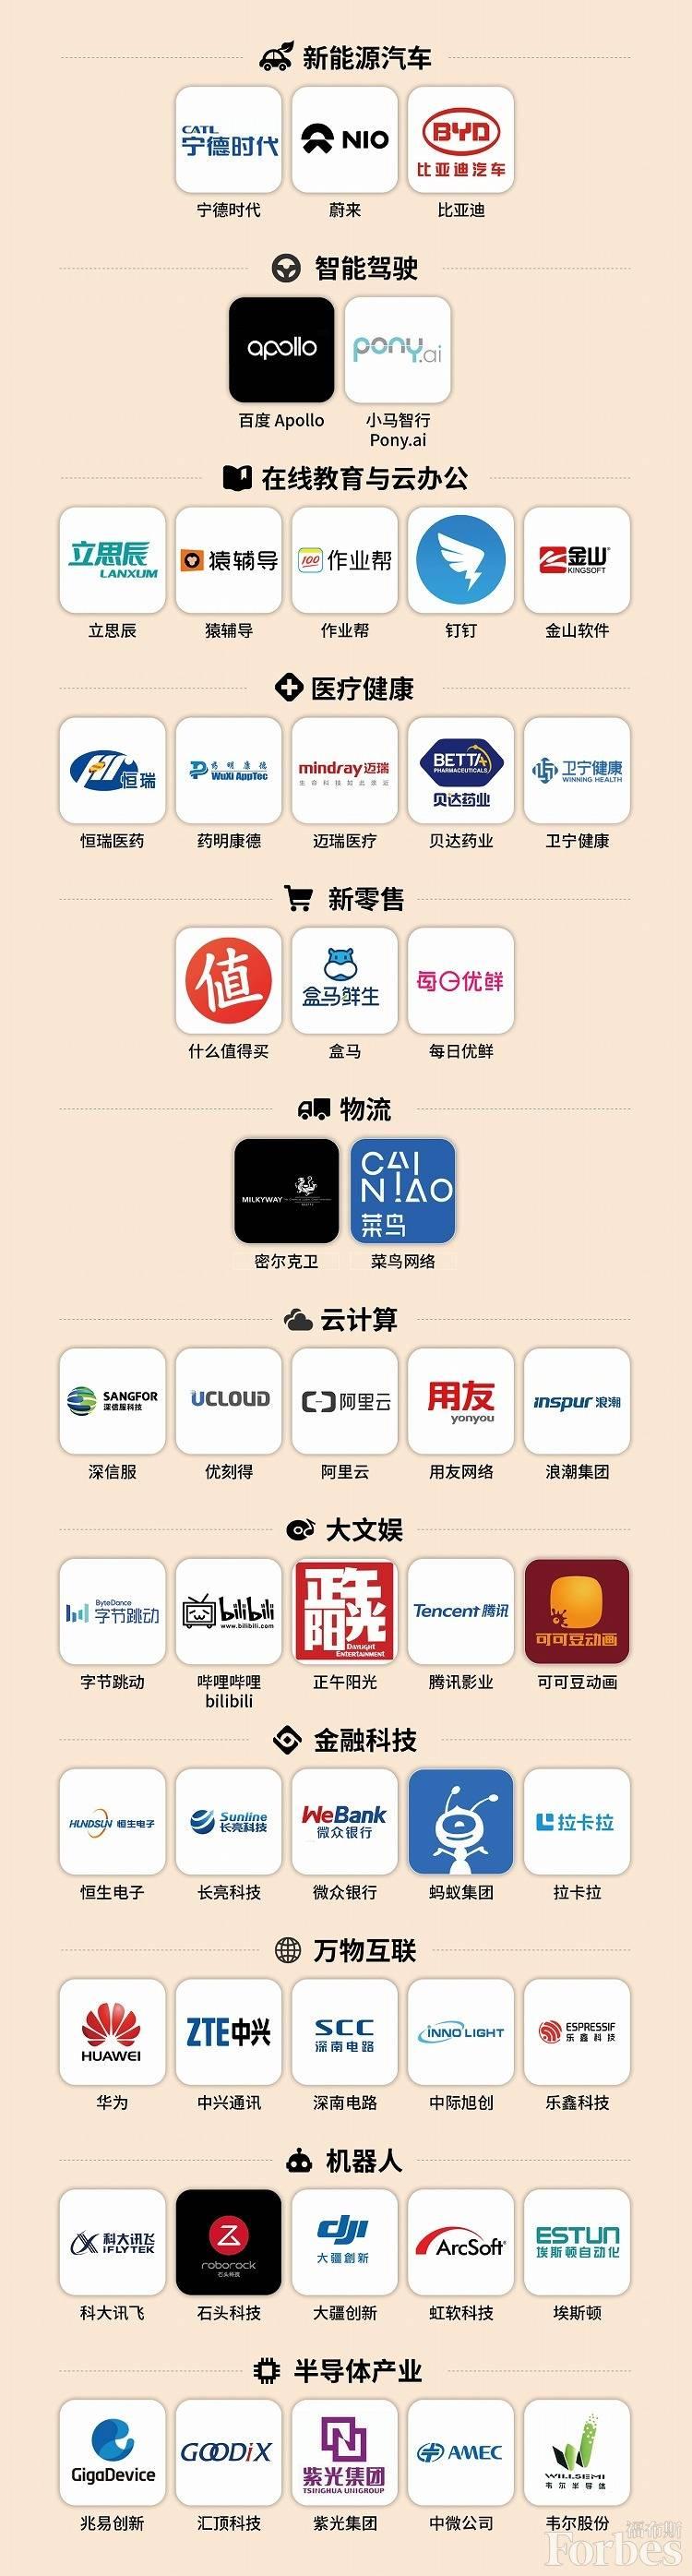 每日优鲜、钉钉、B站上榜福布斯中国创新力榜